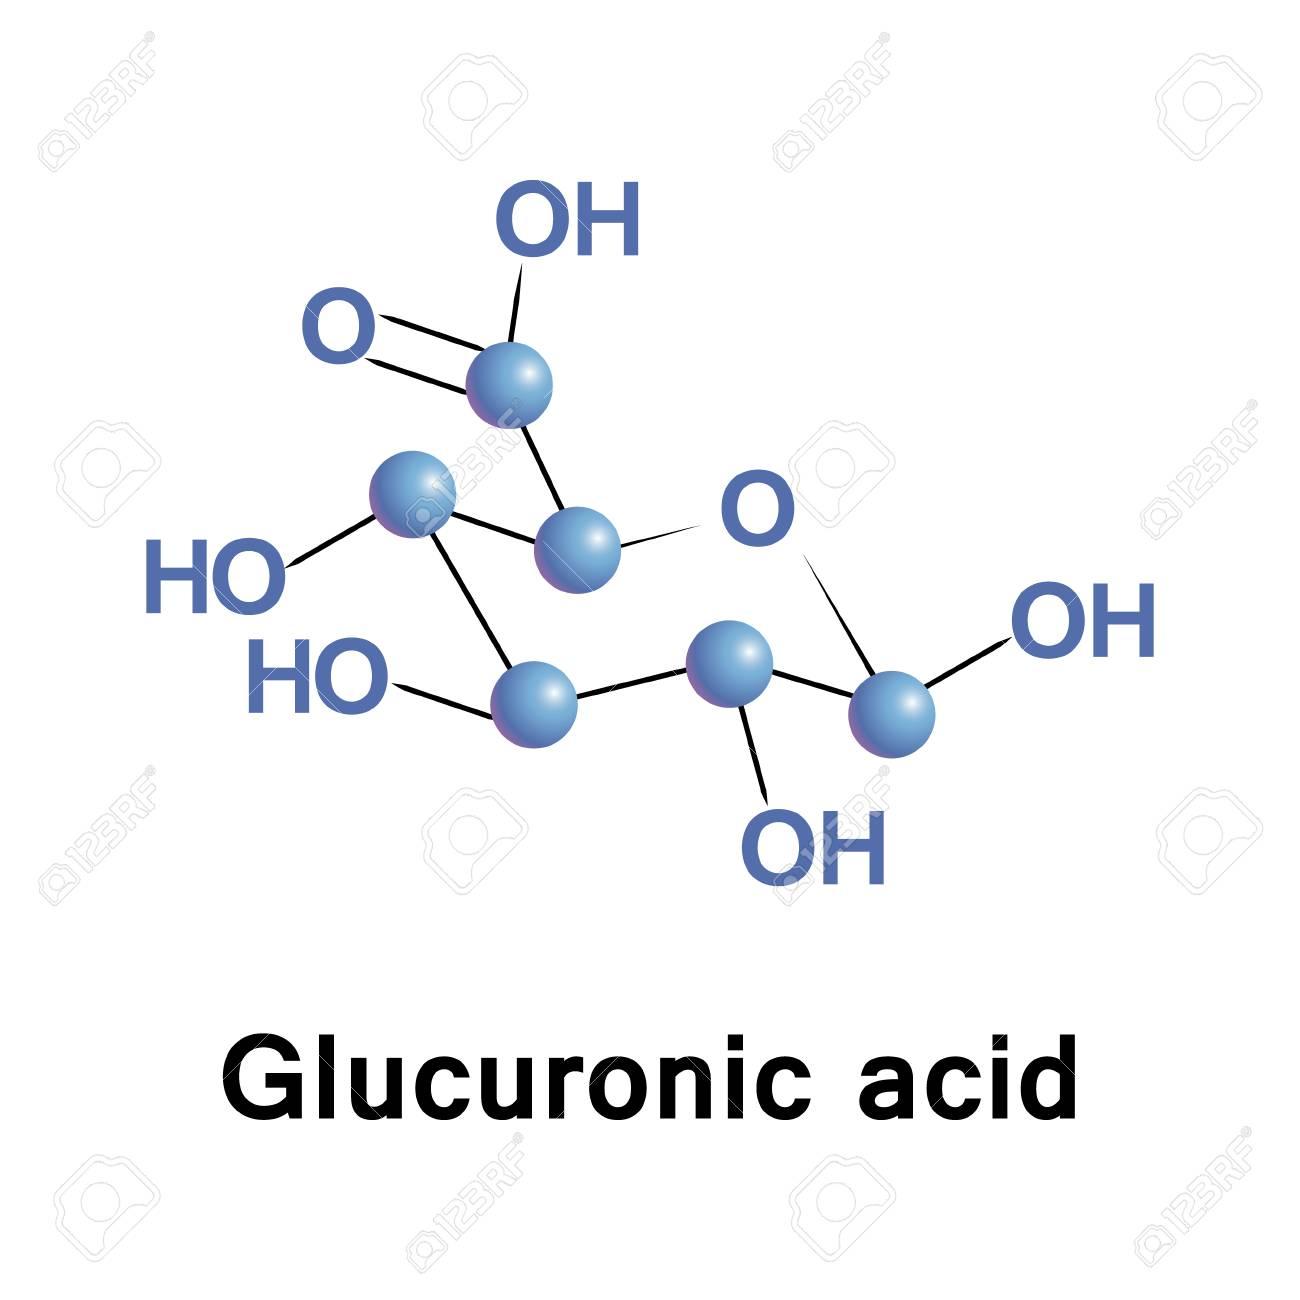 Cido Glucurónico é Um ácido Urónico Que Foi Isolado Pela Primeira Vez A Partir De Urina Pode Ser Encontrada Em Muitos Gomas Tais Como Goma Arábica E